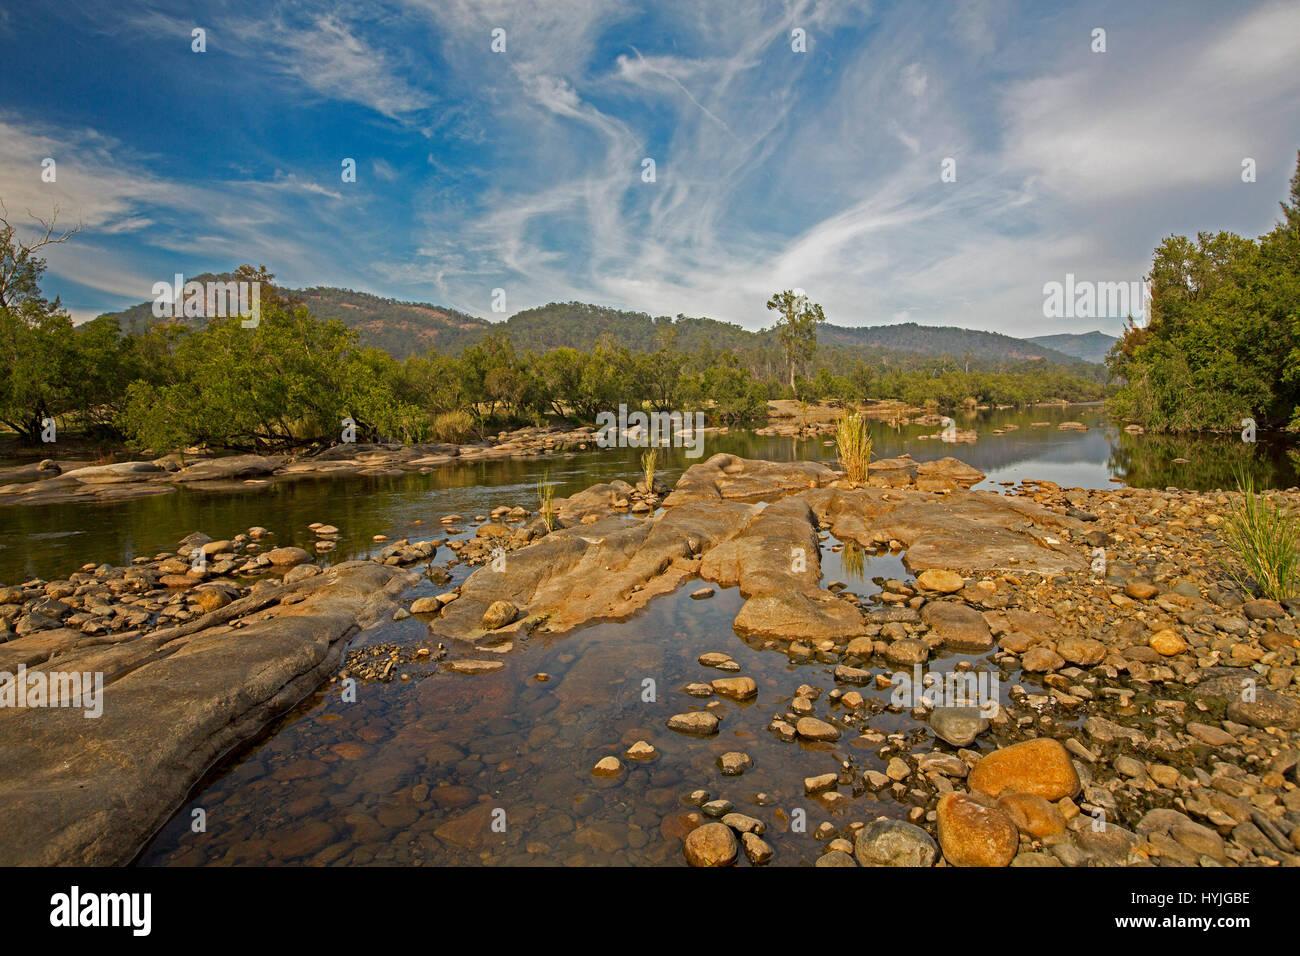 Vista panorámica del curso pedregoso del Río Mann dobladillo con bosques y con rangos en el horizonte Imagen De Stock